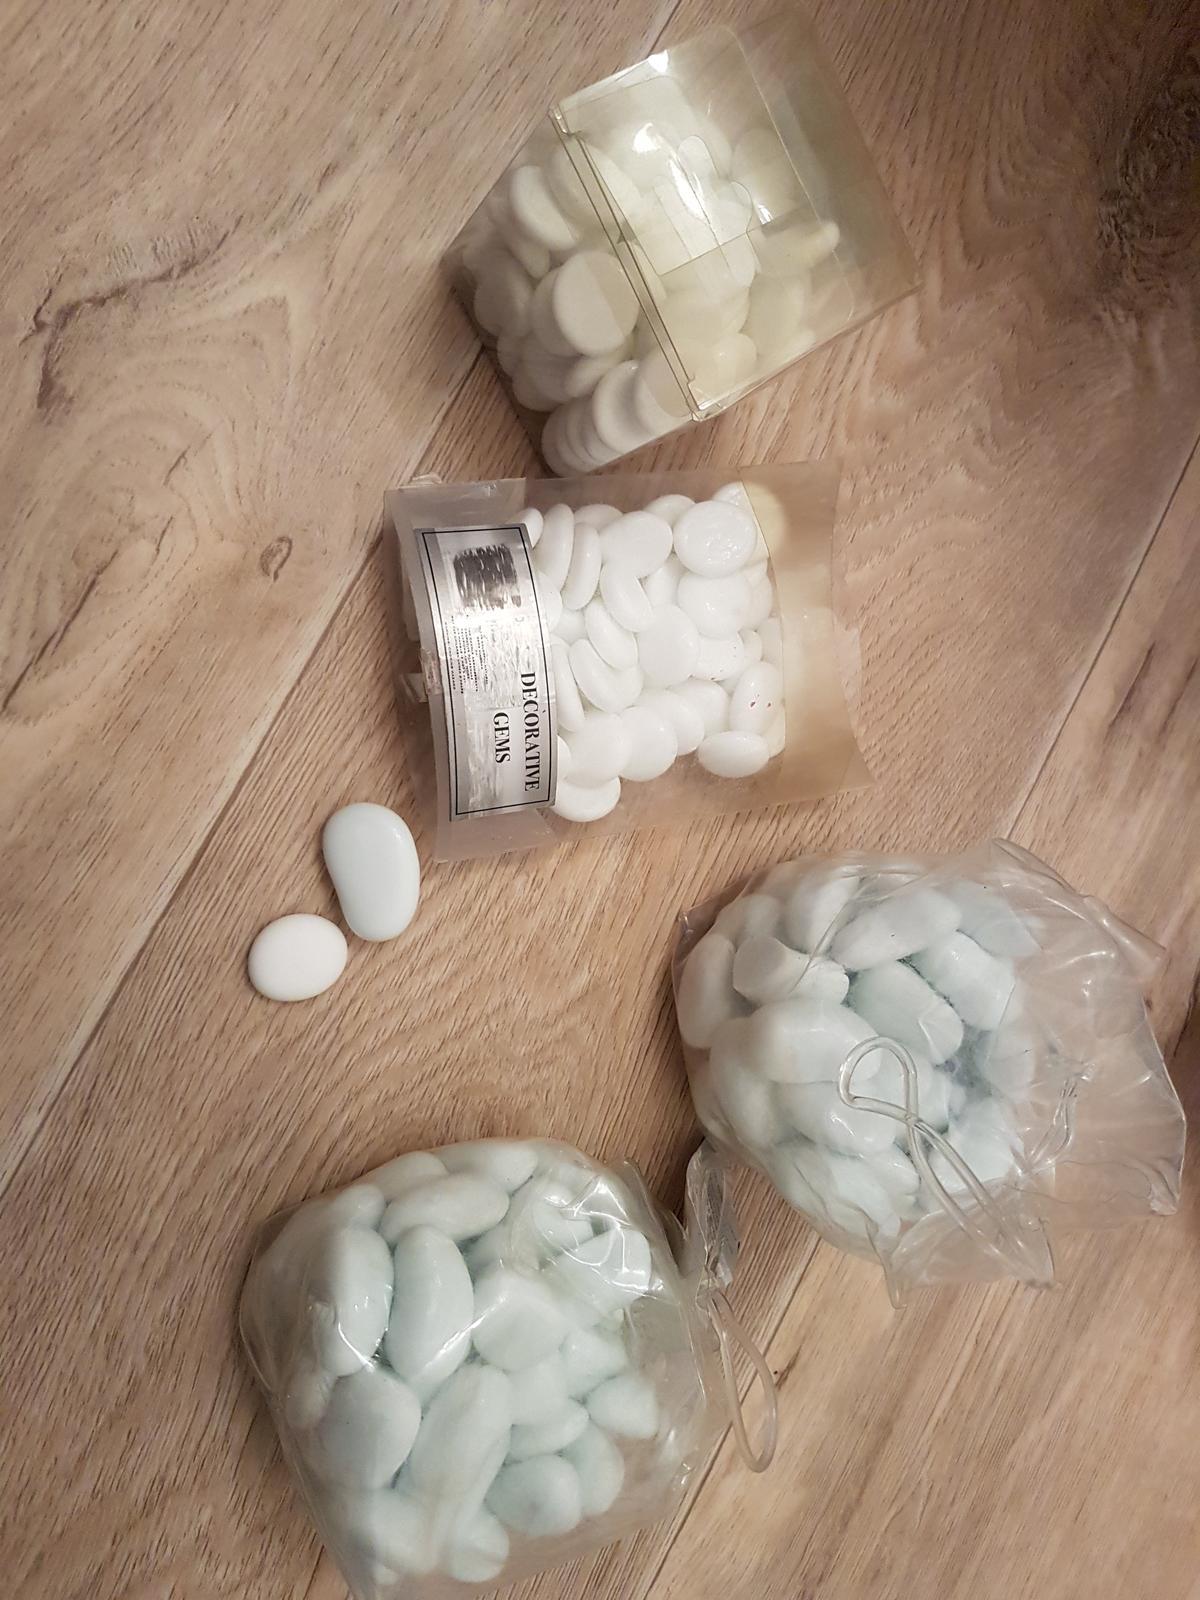 kamínky - Obrázek č. 2